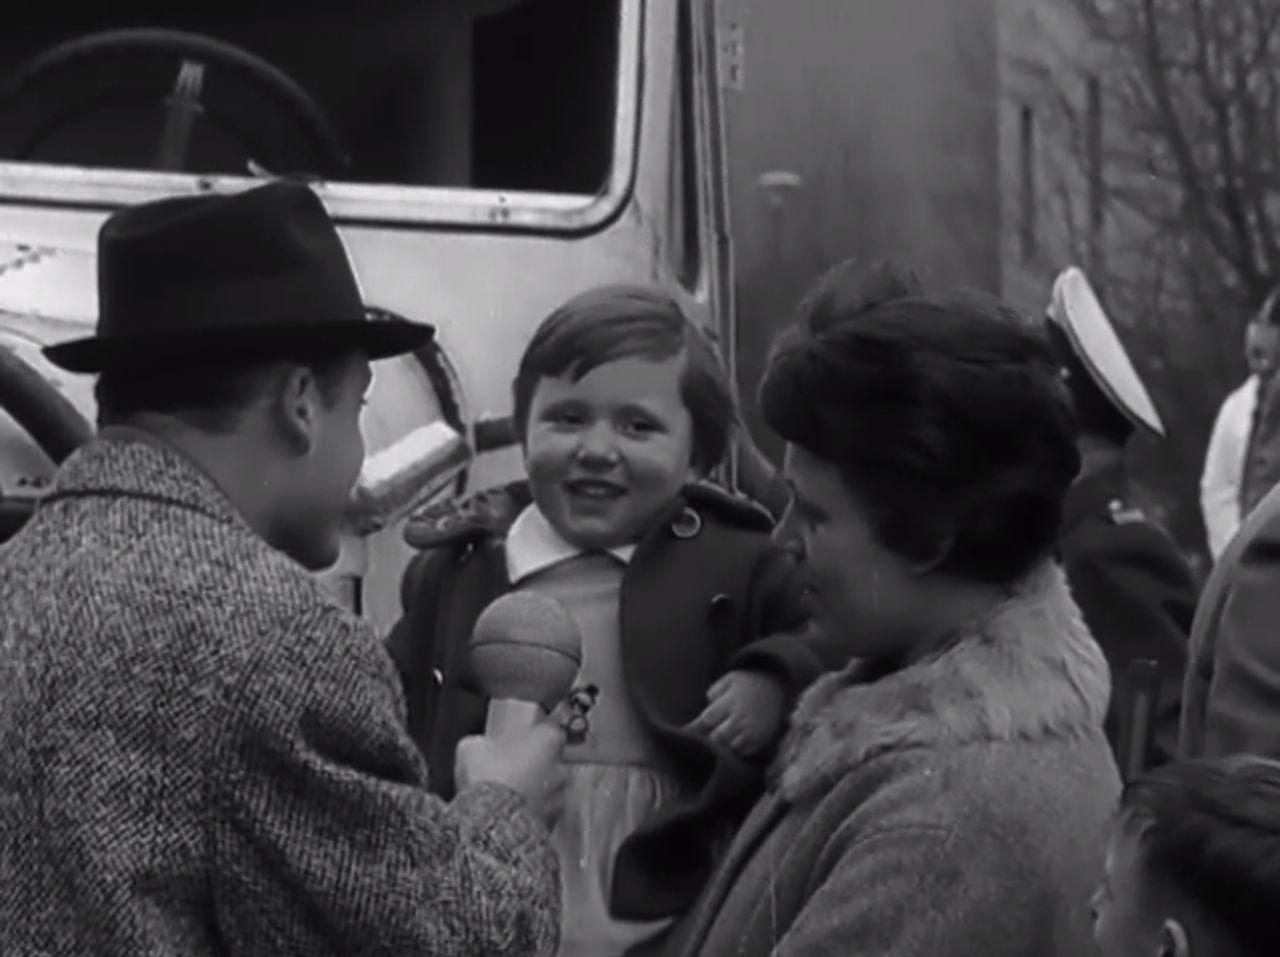 Videostartbild zum Video Flucht aus der DDR, wochenschau